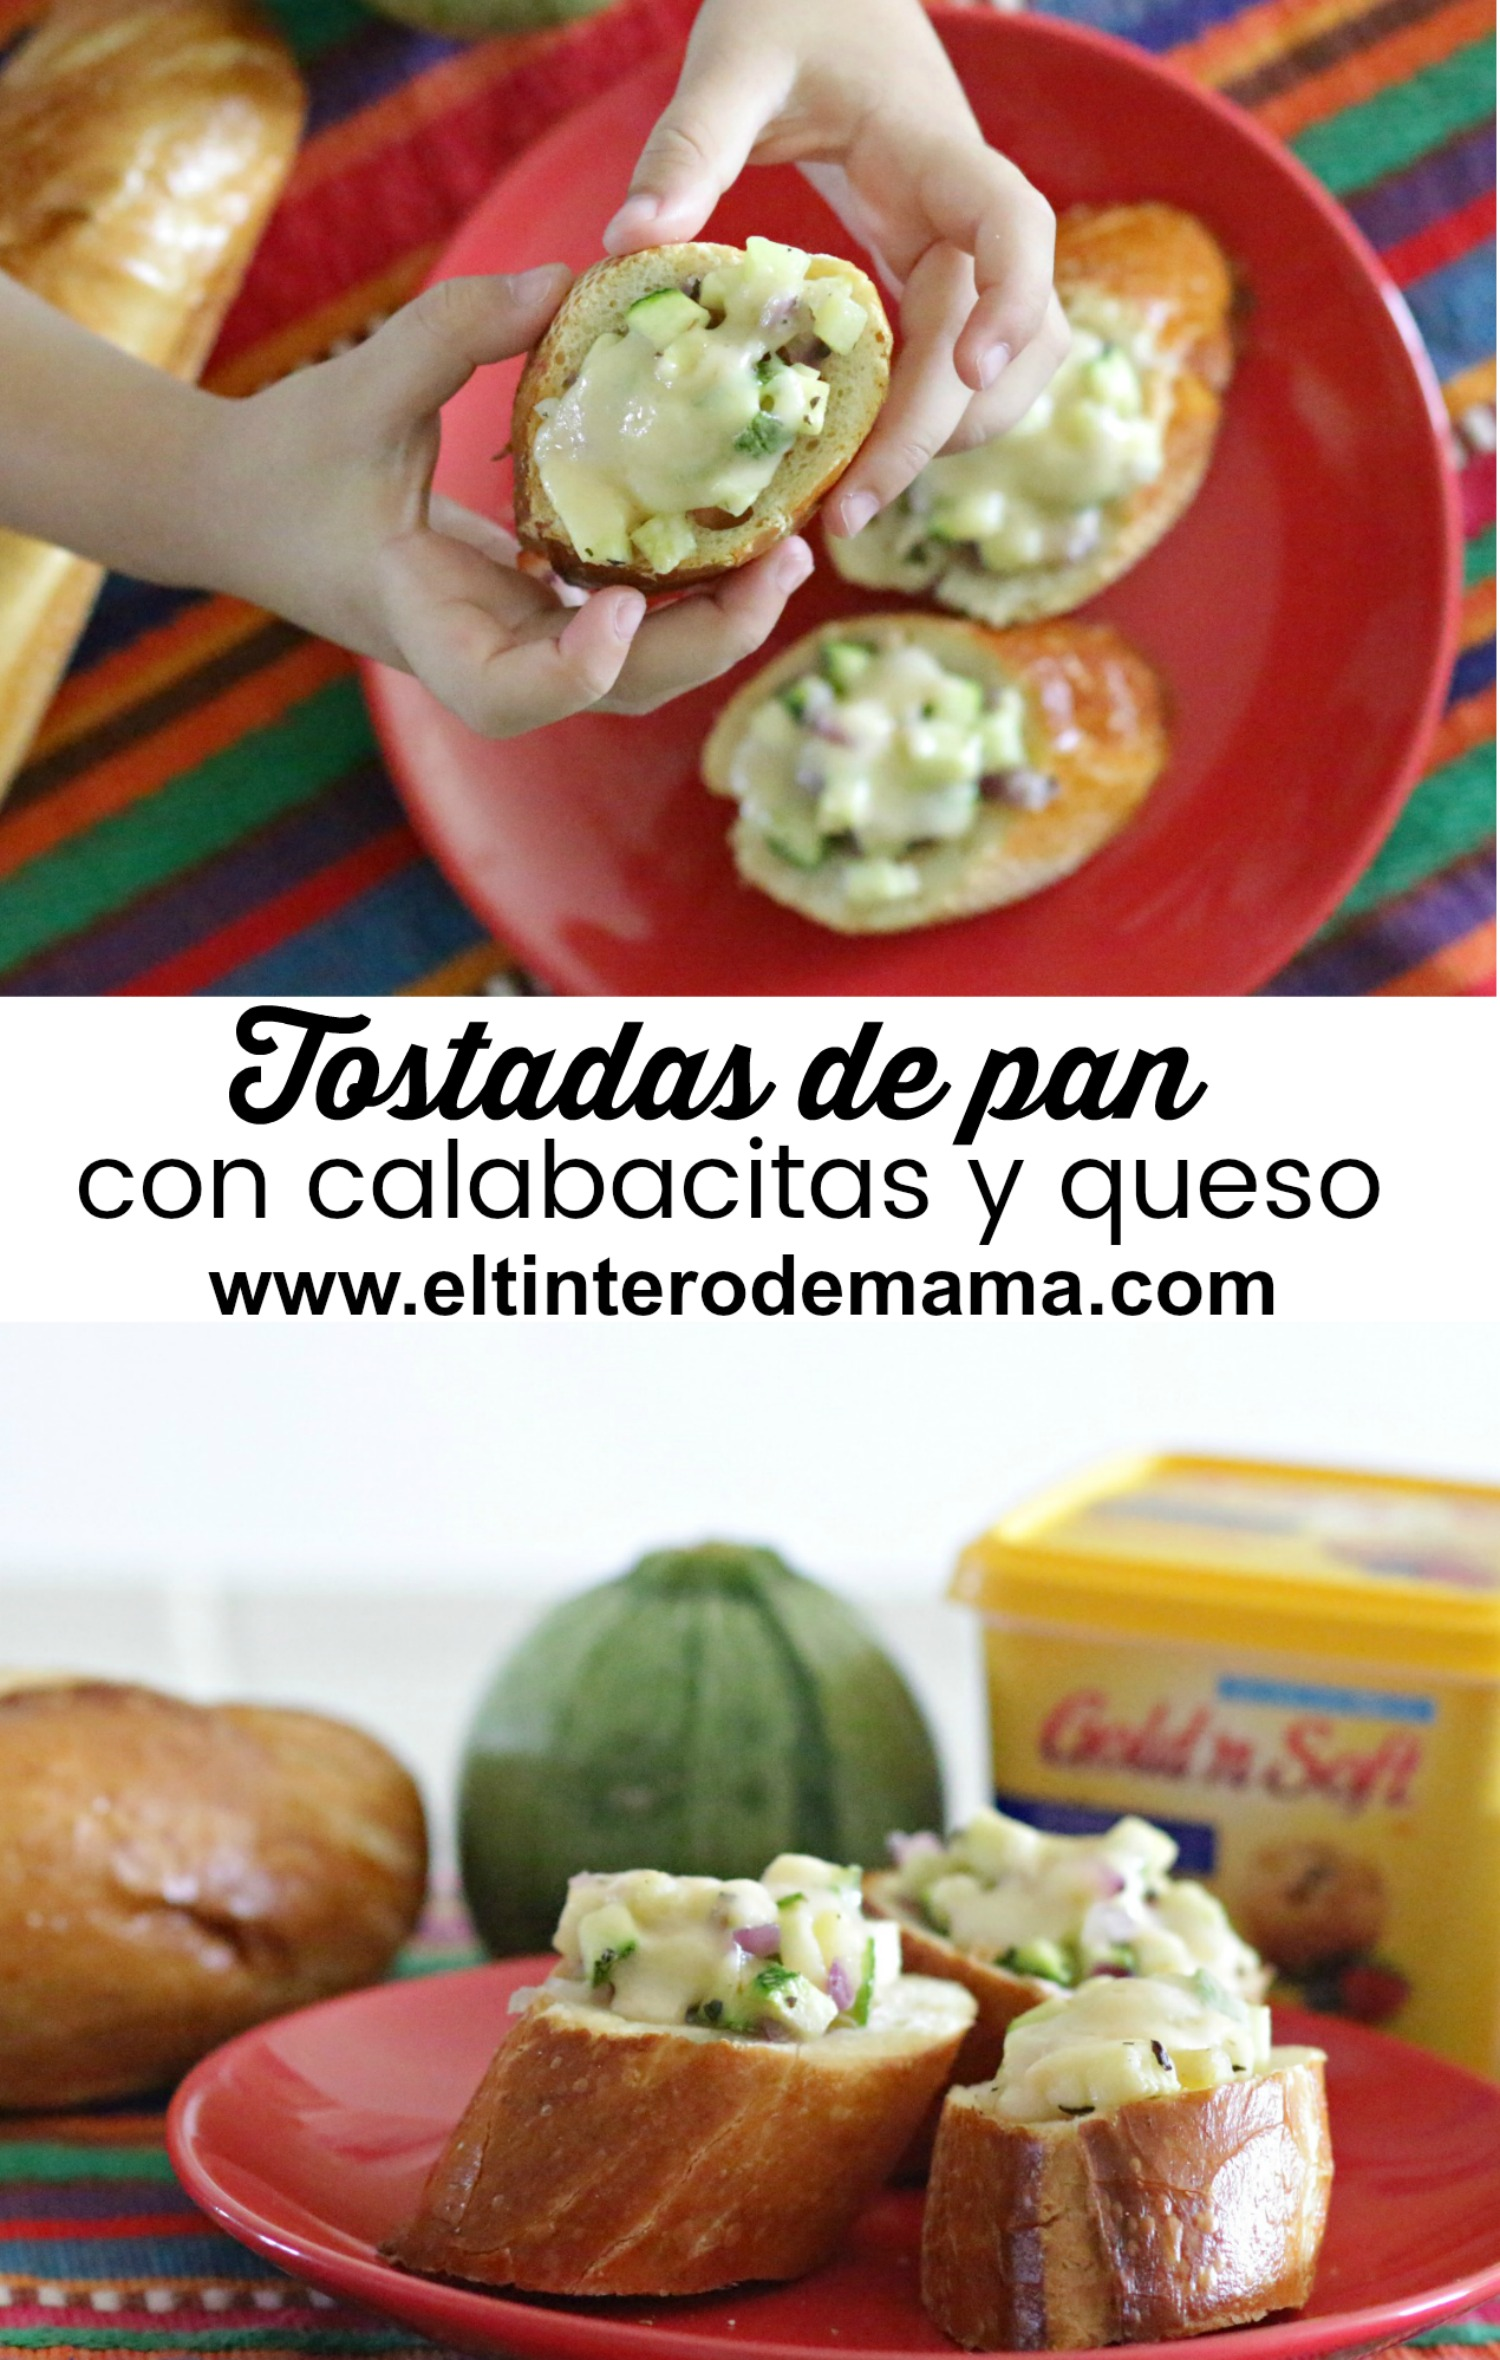 Tostadas-de-pan-con-calabacitas-y-queso-recipe